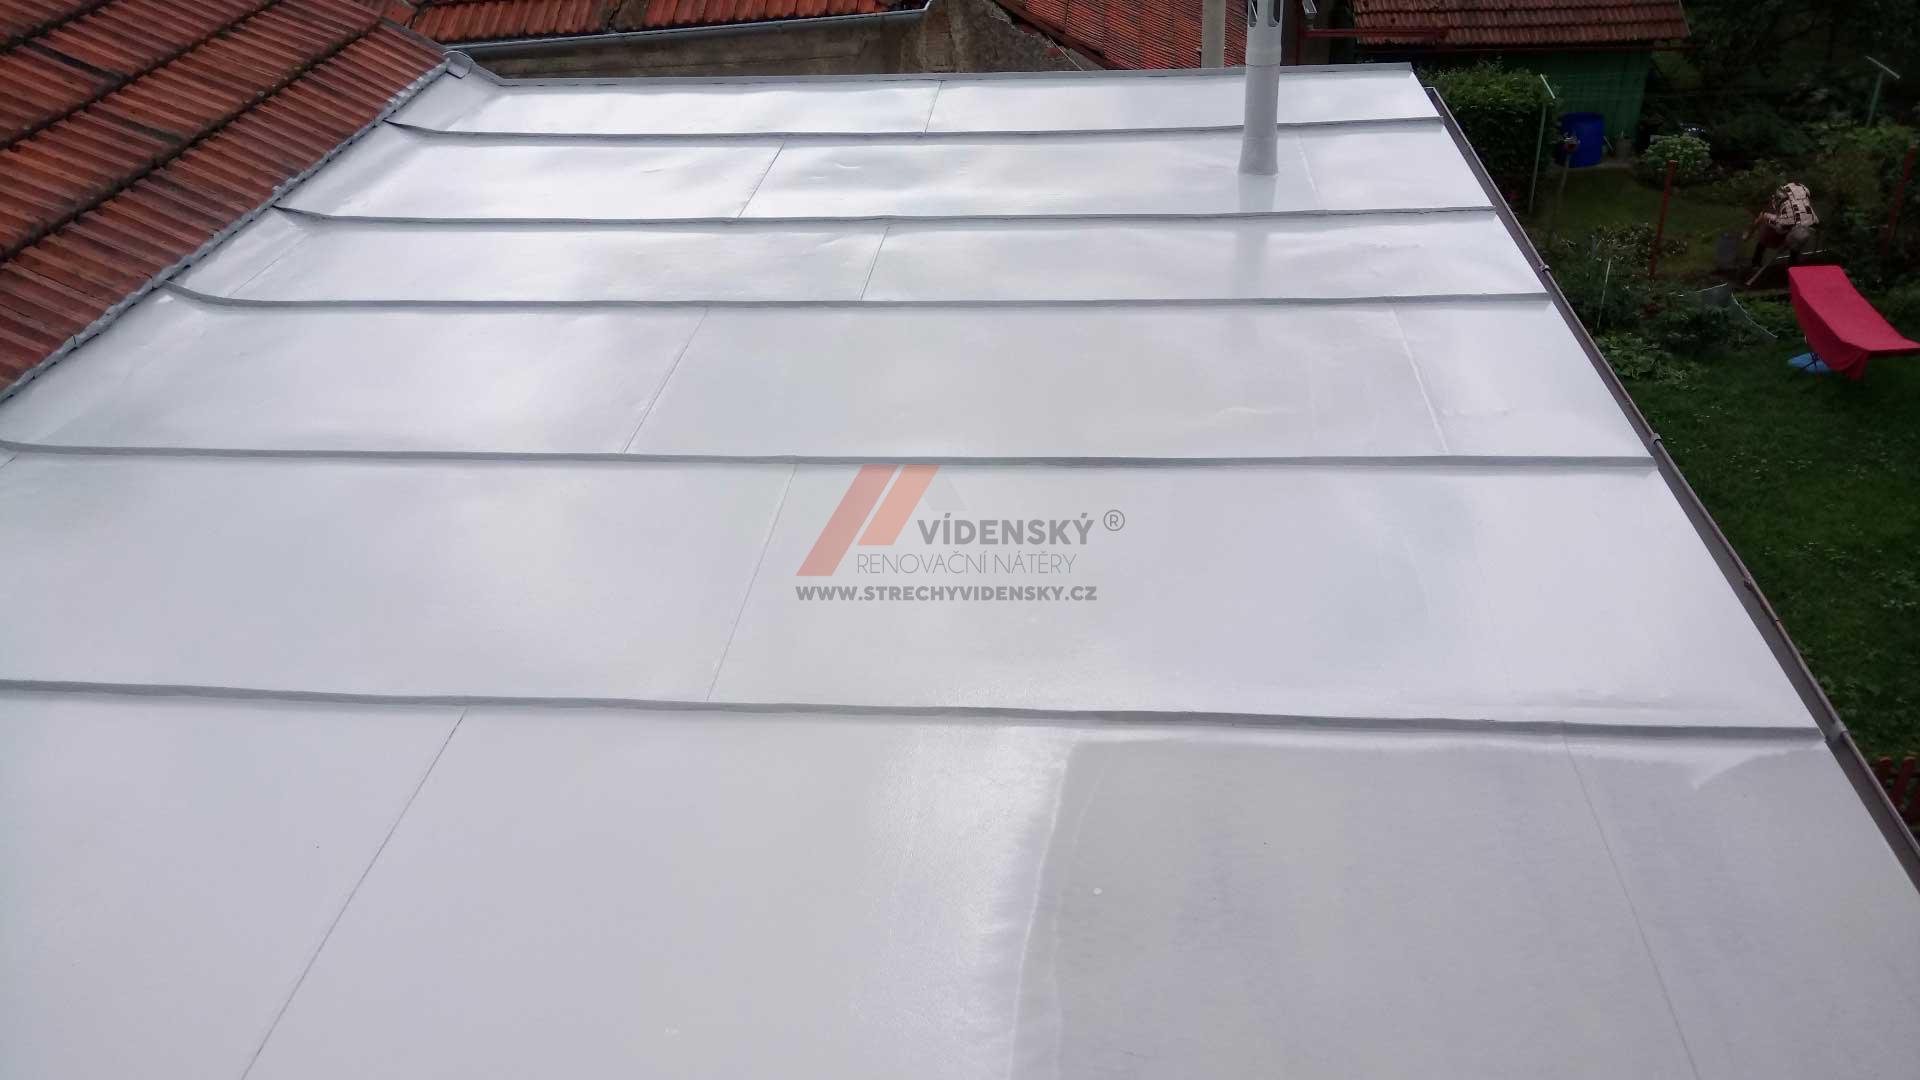 Vídenský | Renovační nátěr plechové střechy 06 - Po renovaci